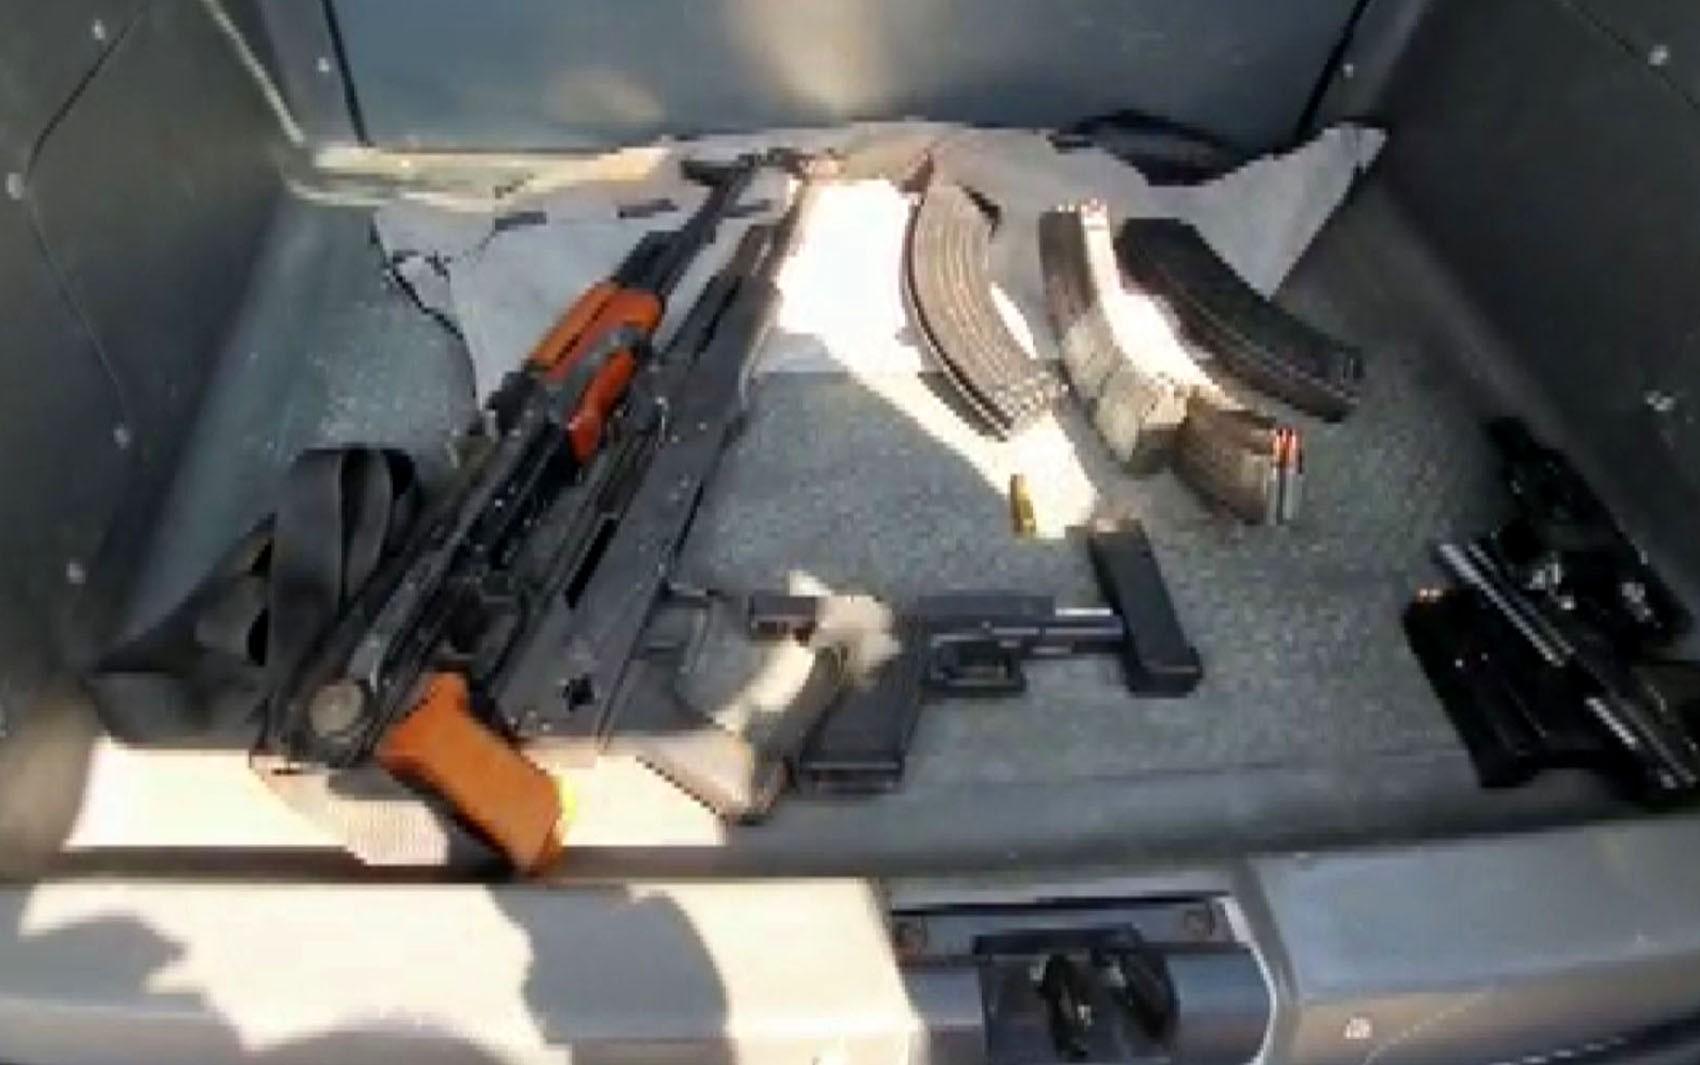 Assalto em Viracopos: PF divulga lista com armas de guerra e 630 munições em fundo falso de caminhão e casas de reféns - Notícias - Plantão Diário